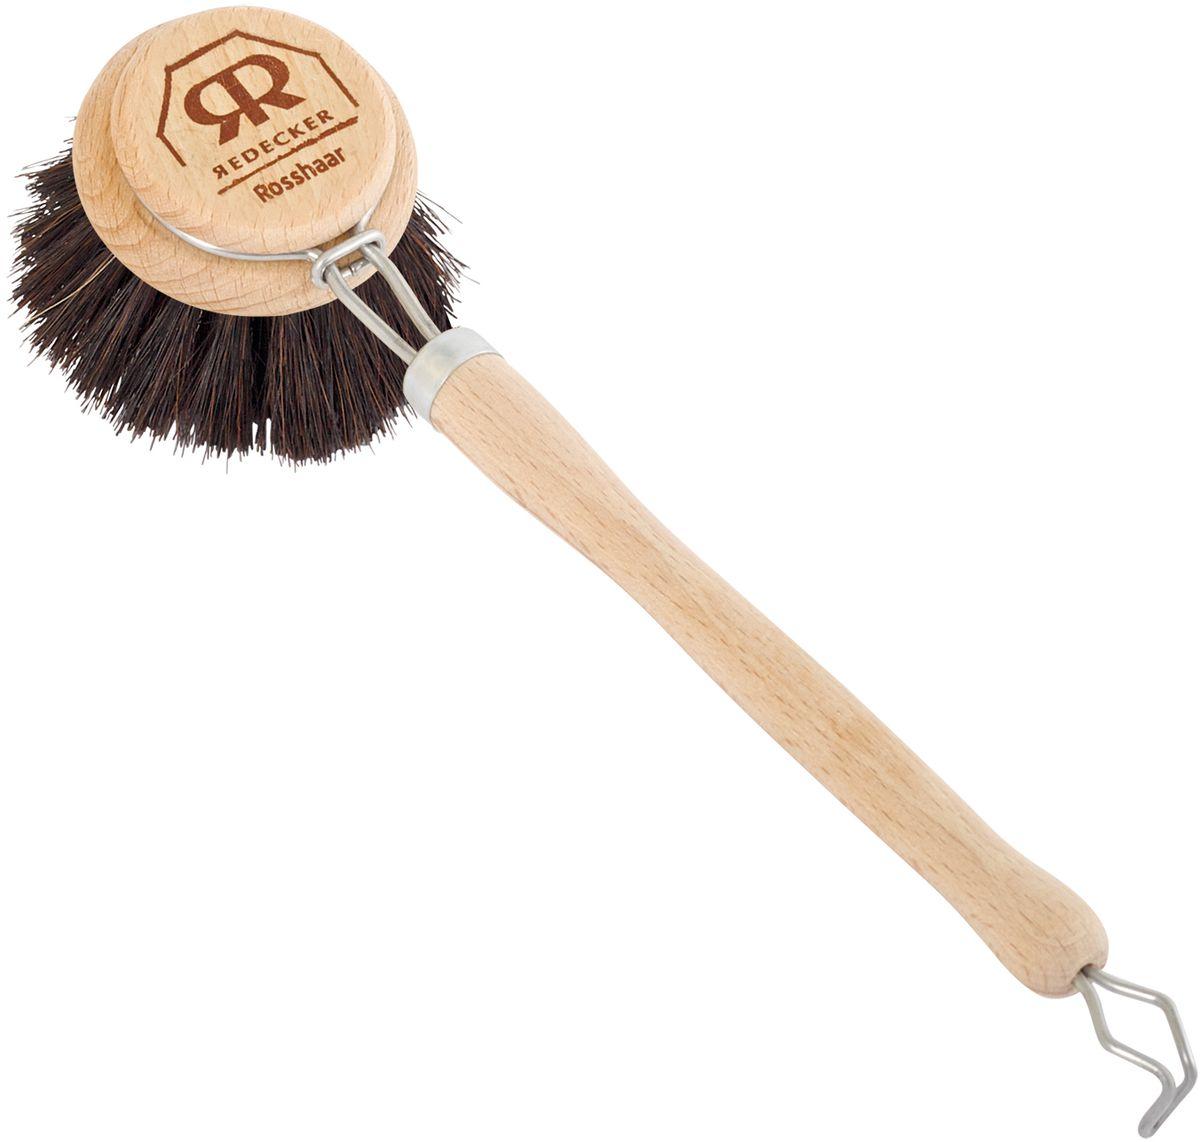 Щетка для мытья посуды Redecker с мягкой щетиной, диаметр 5 см810228Щётка для мытья посуды Redecker изготовлена из необработанной древесины бука и мягкой щетины из темного конского волоса. Идеально подходит для ежедневного мытья тарелок, чашек и столовых приборов. Удобная длинная ручка позволит избежать ненужного контакта рук с химическими чистящими средствами и водой. Металлическое кольцо на конце - для вертикального хранения щётки.Конский волос - это один из основных материалов для любого изготовителя щеток. Для получения щетины обычно используют волосы с хвоста или гривы. Поскольку конский волос содержит большое количество кератина, он устойчив к воздействию кислот и щелочей, что необходимо для любой щётки для уборки. Также конский волос отличается устойчивостью к разрывам и повышенной упругостью. Таким образом, даже при частом использовании щётки с чистящими и абразивными веществами, риск того, что щетина испортится или деформируется, сводится к нулю.Диаметр щетки - 5 см.